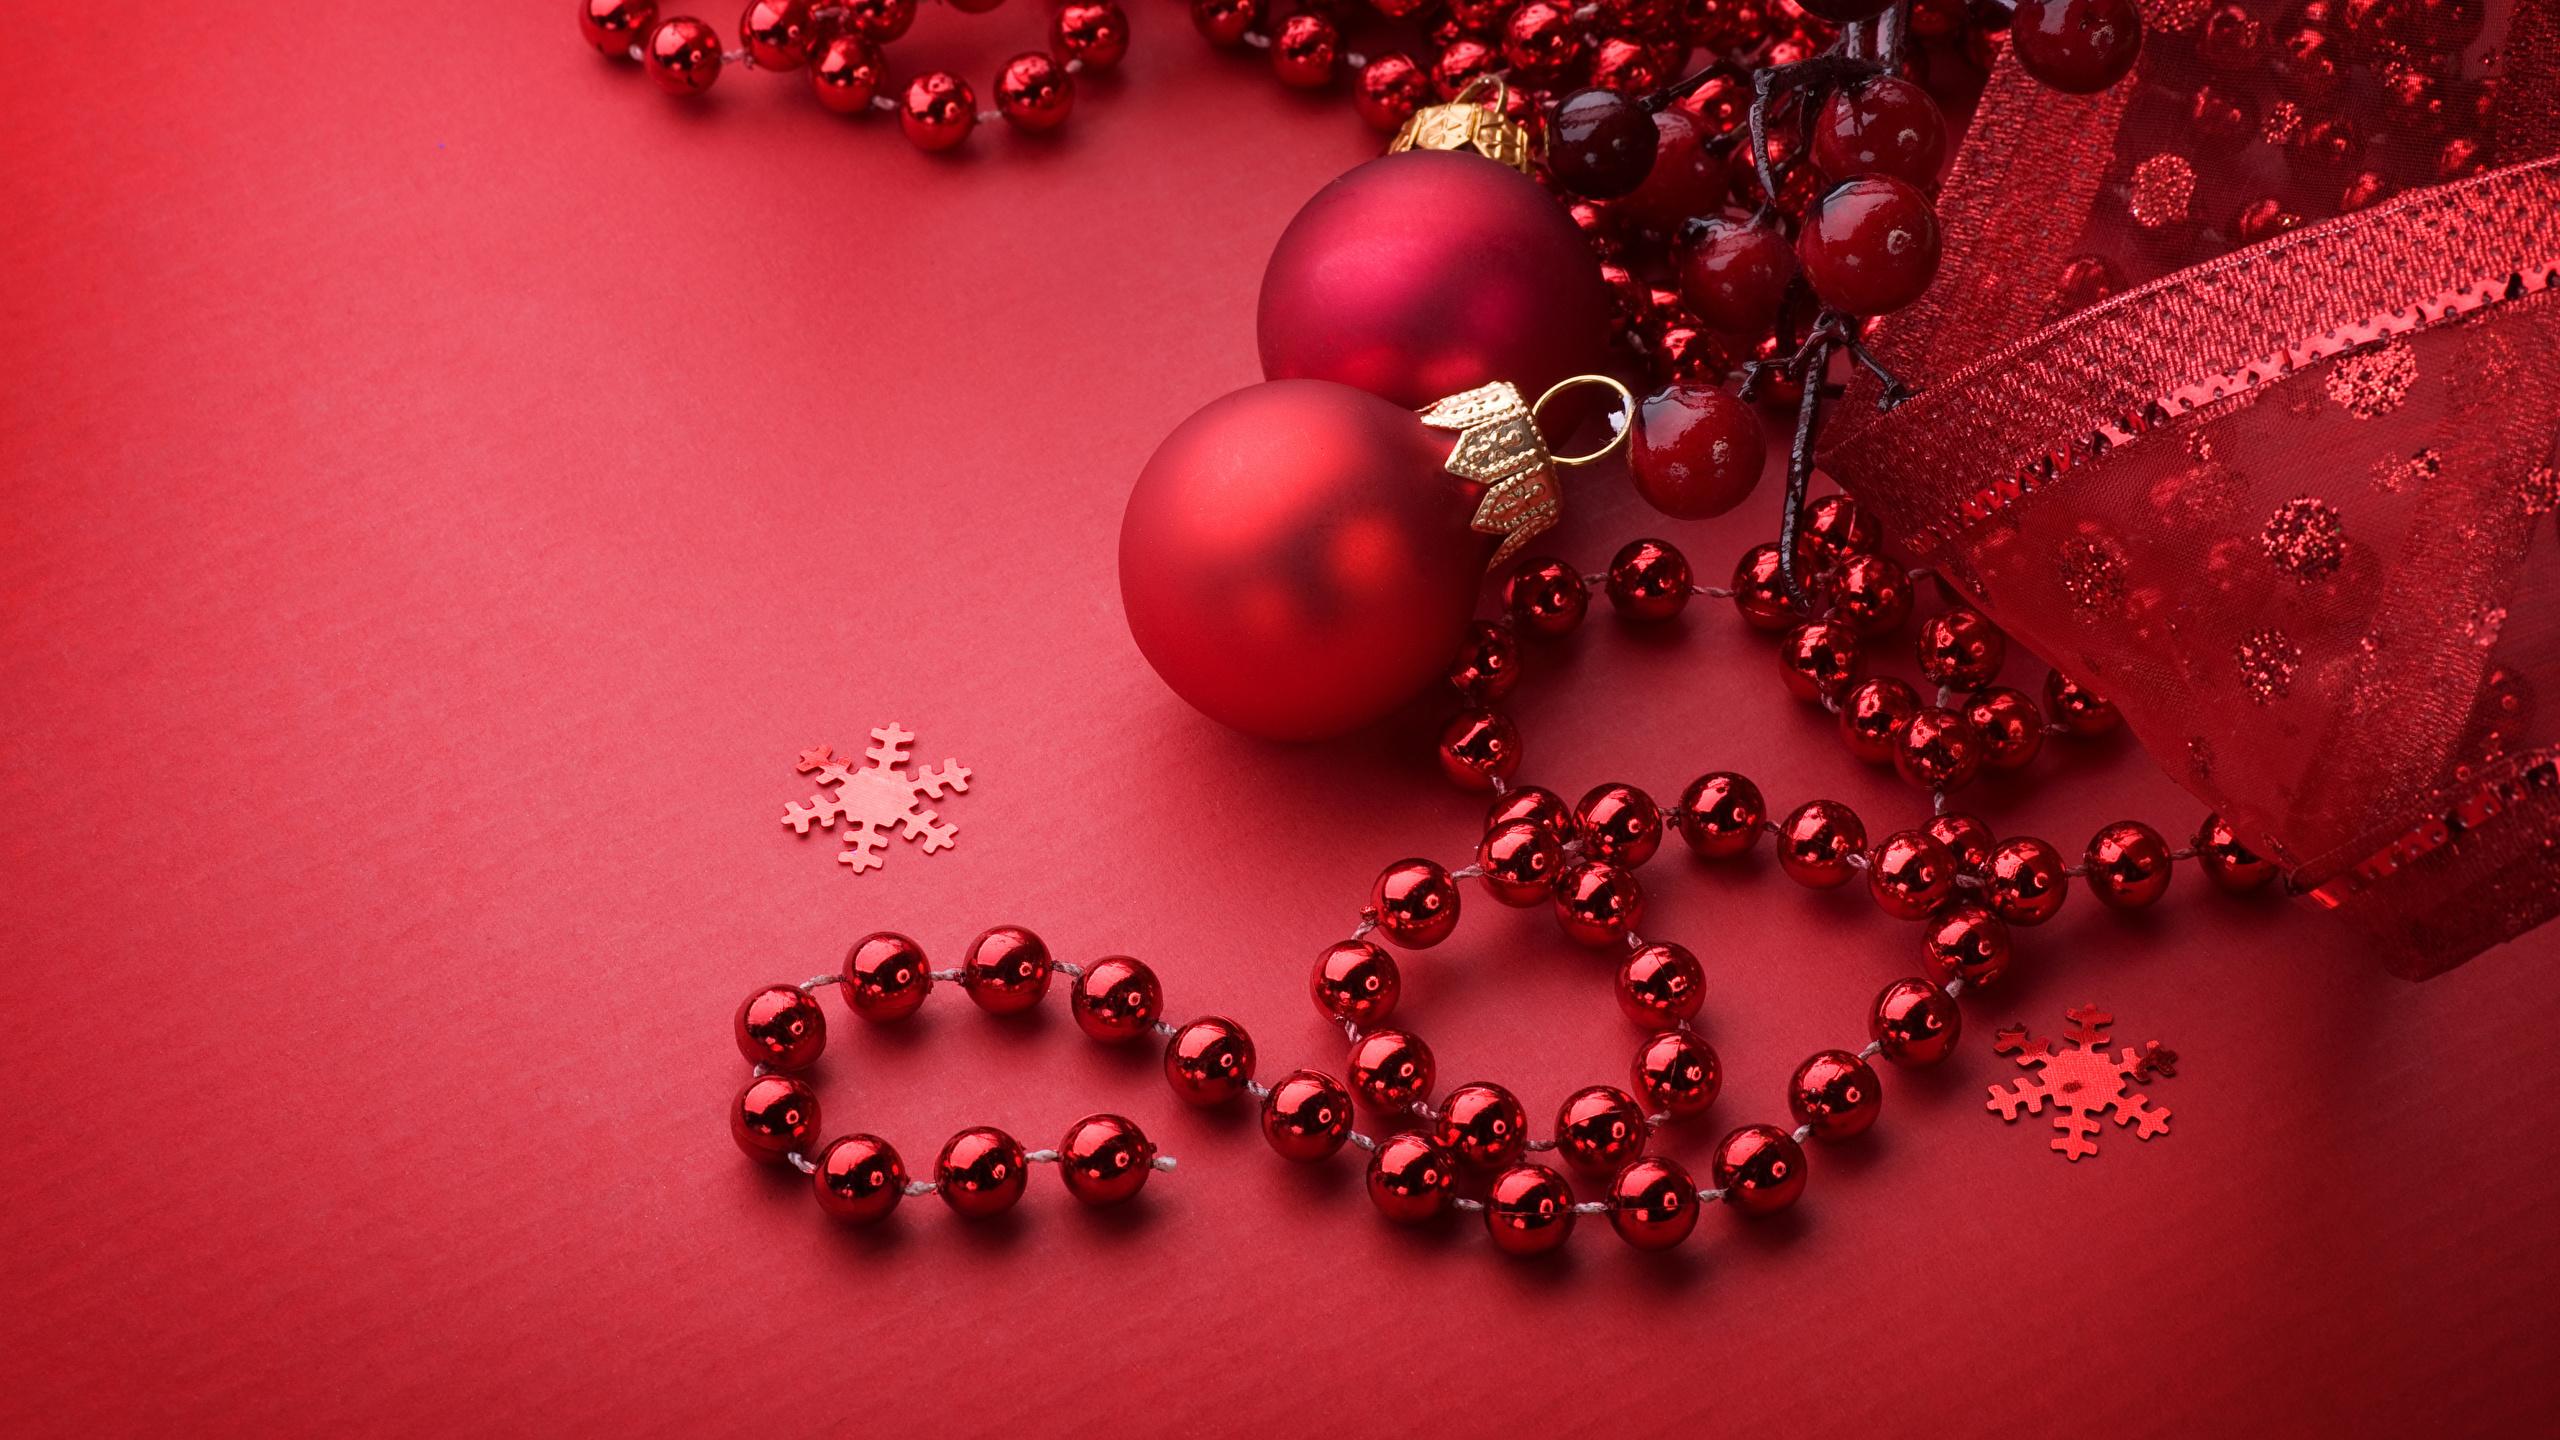 Fonds Decran 2560x1440 Nouvel An Fond Rouge Boules Rouge